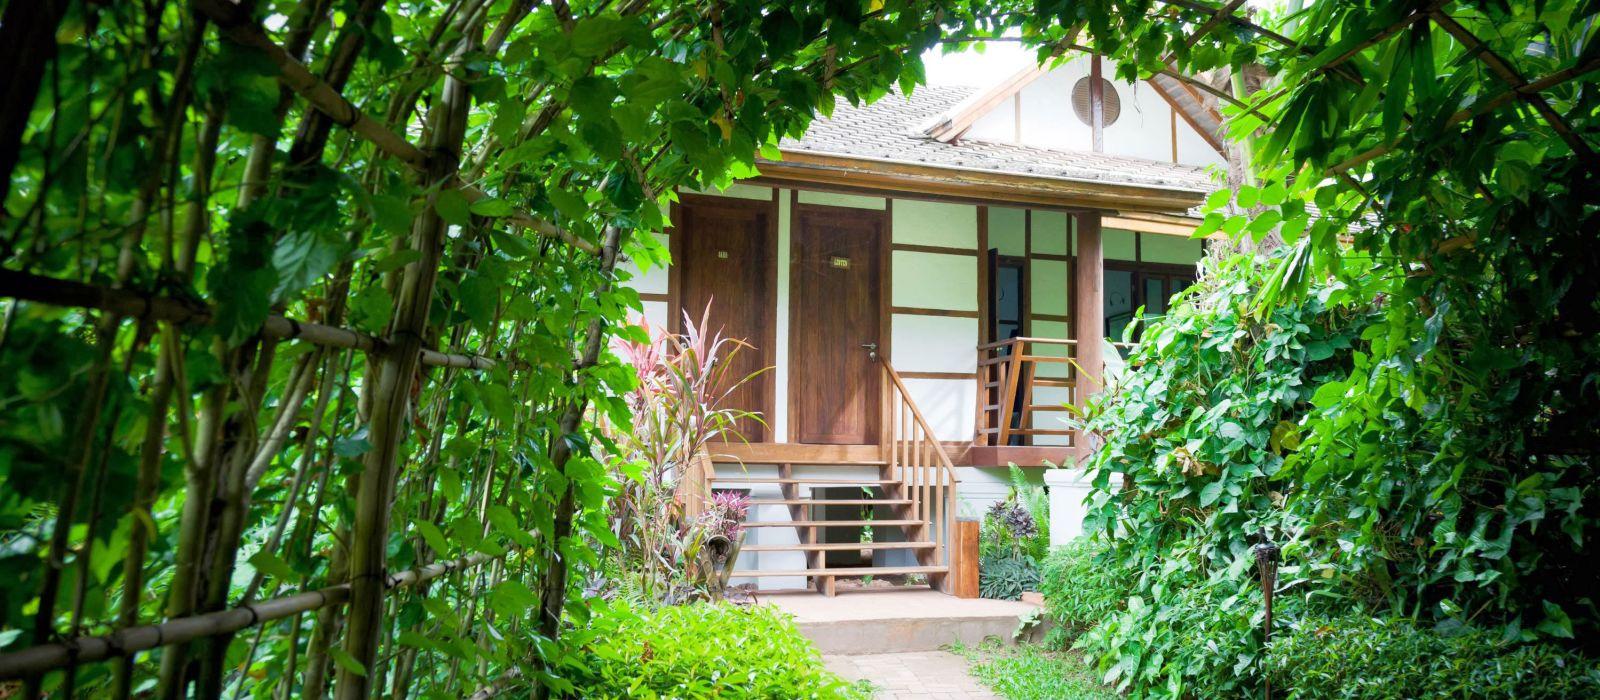 Hotel Muang La Resort Laos